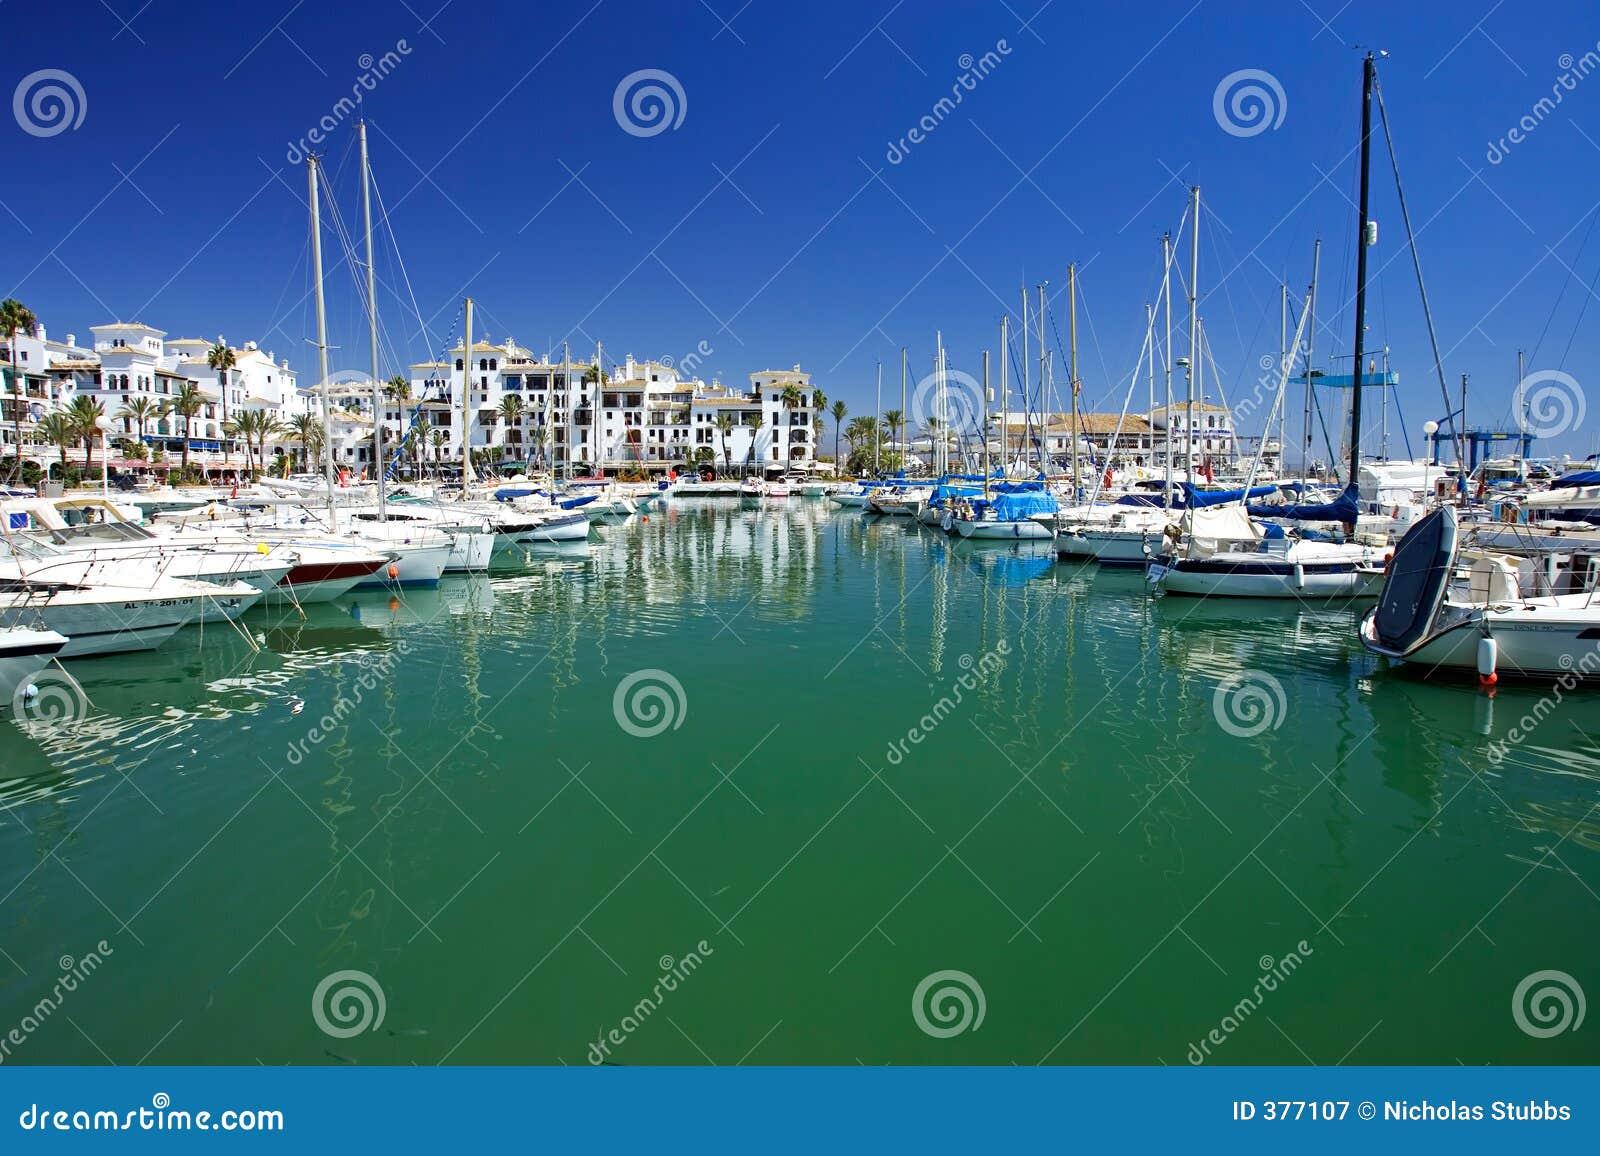 Les bateaux et les yachts ont amarré dans le port de Duquesa en Espagne sur la côte De